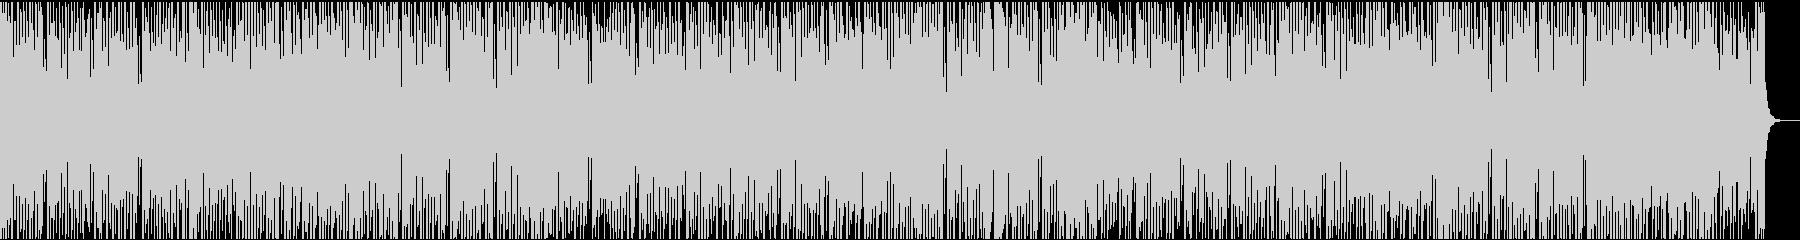 39秒でサビ、琴、電子音ダークの未再生の波形